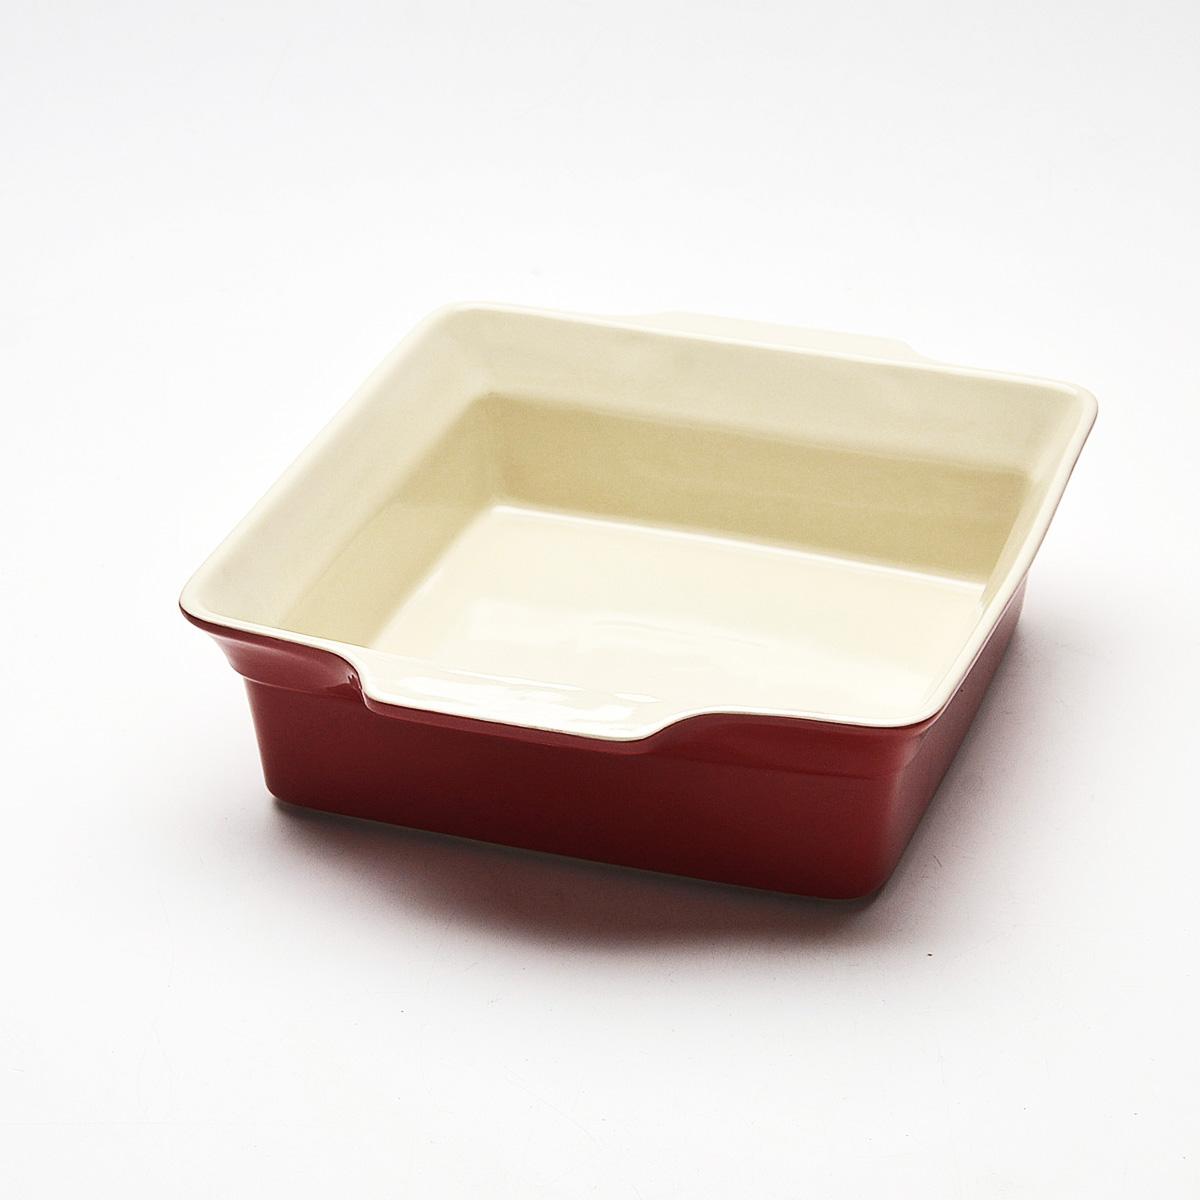 """Противень """"Mayer & Boch"""", квадратный, цвет: красный, 30,5 см х 26 см. 21816"""